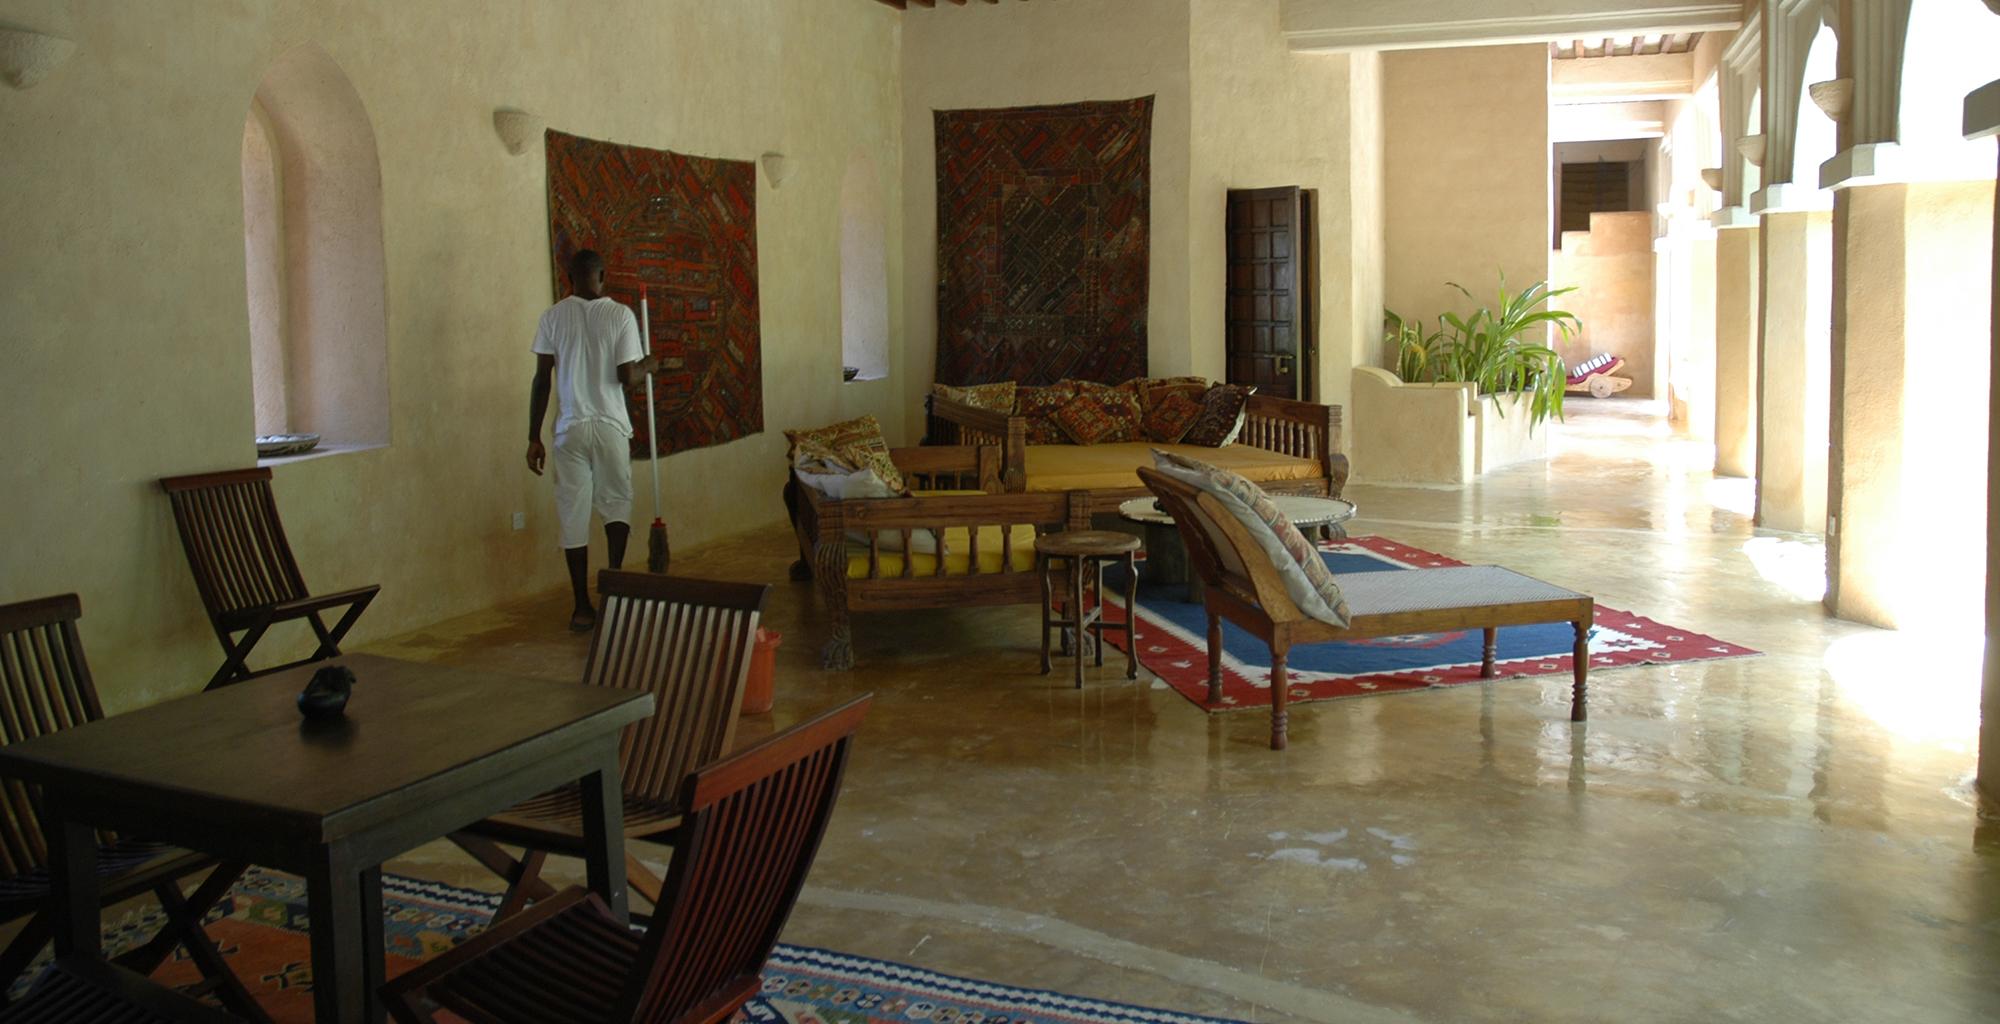 Kenya-The-Fort-Lounge